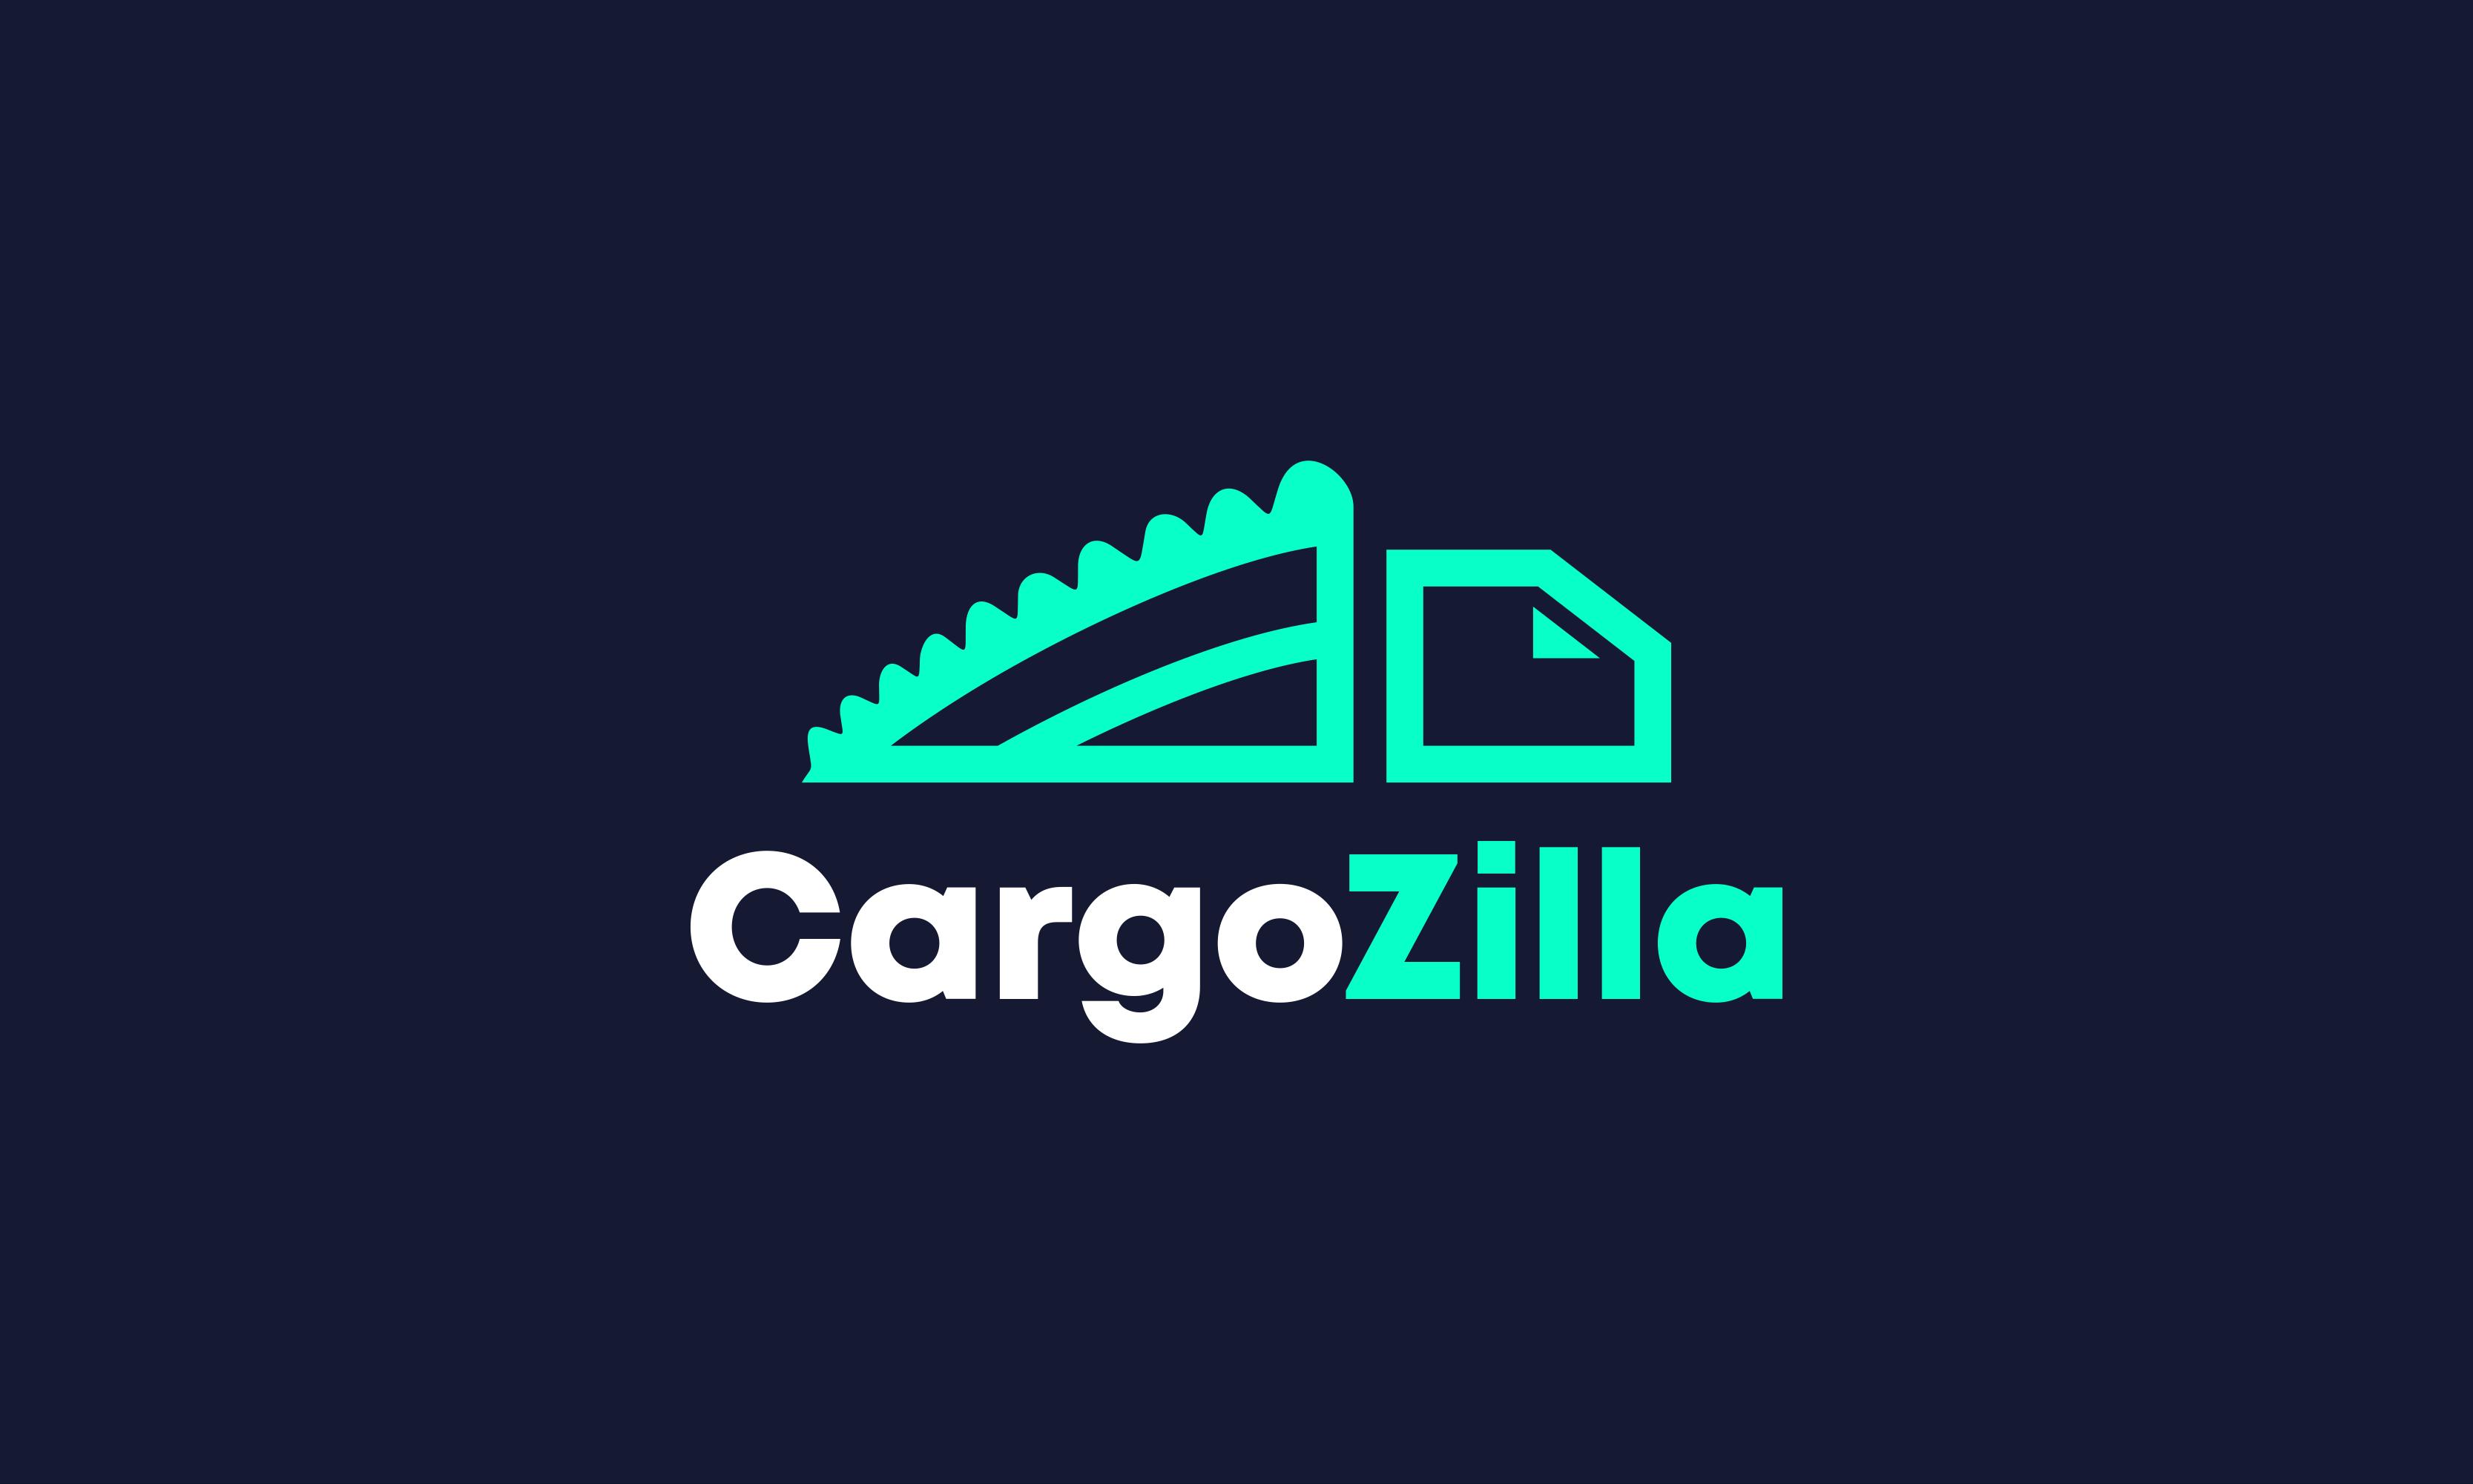 Cargozilla